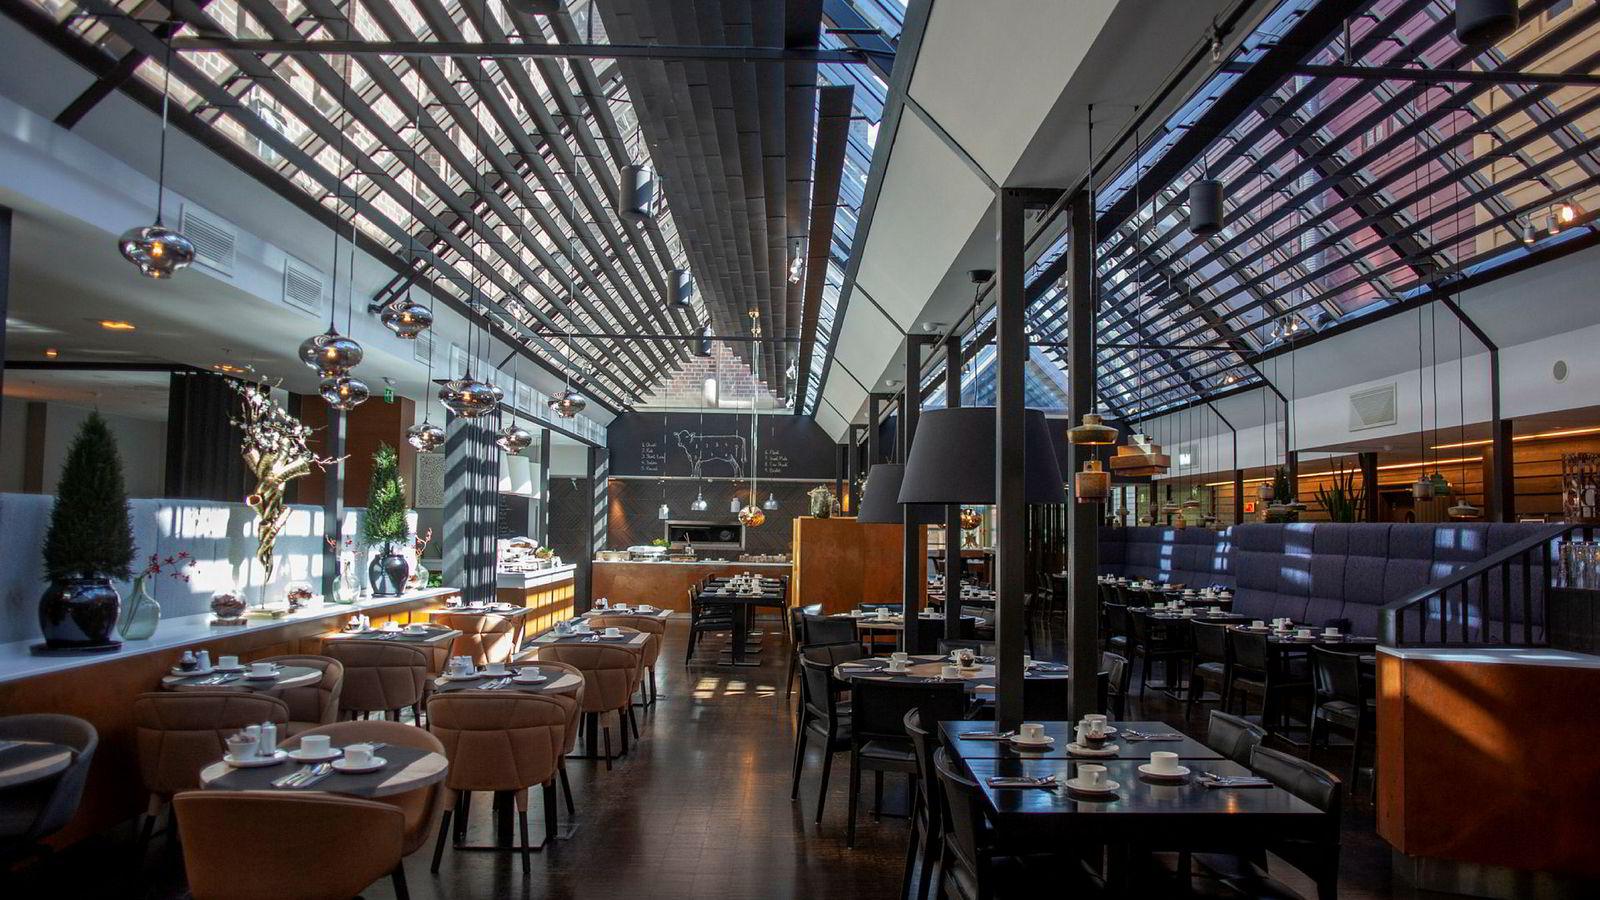 Frokostsalen er romslig og hyggelig på Radisson Blu Royal Hotel i Bergen.